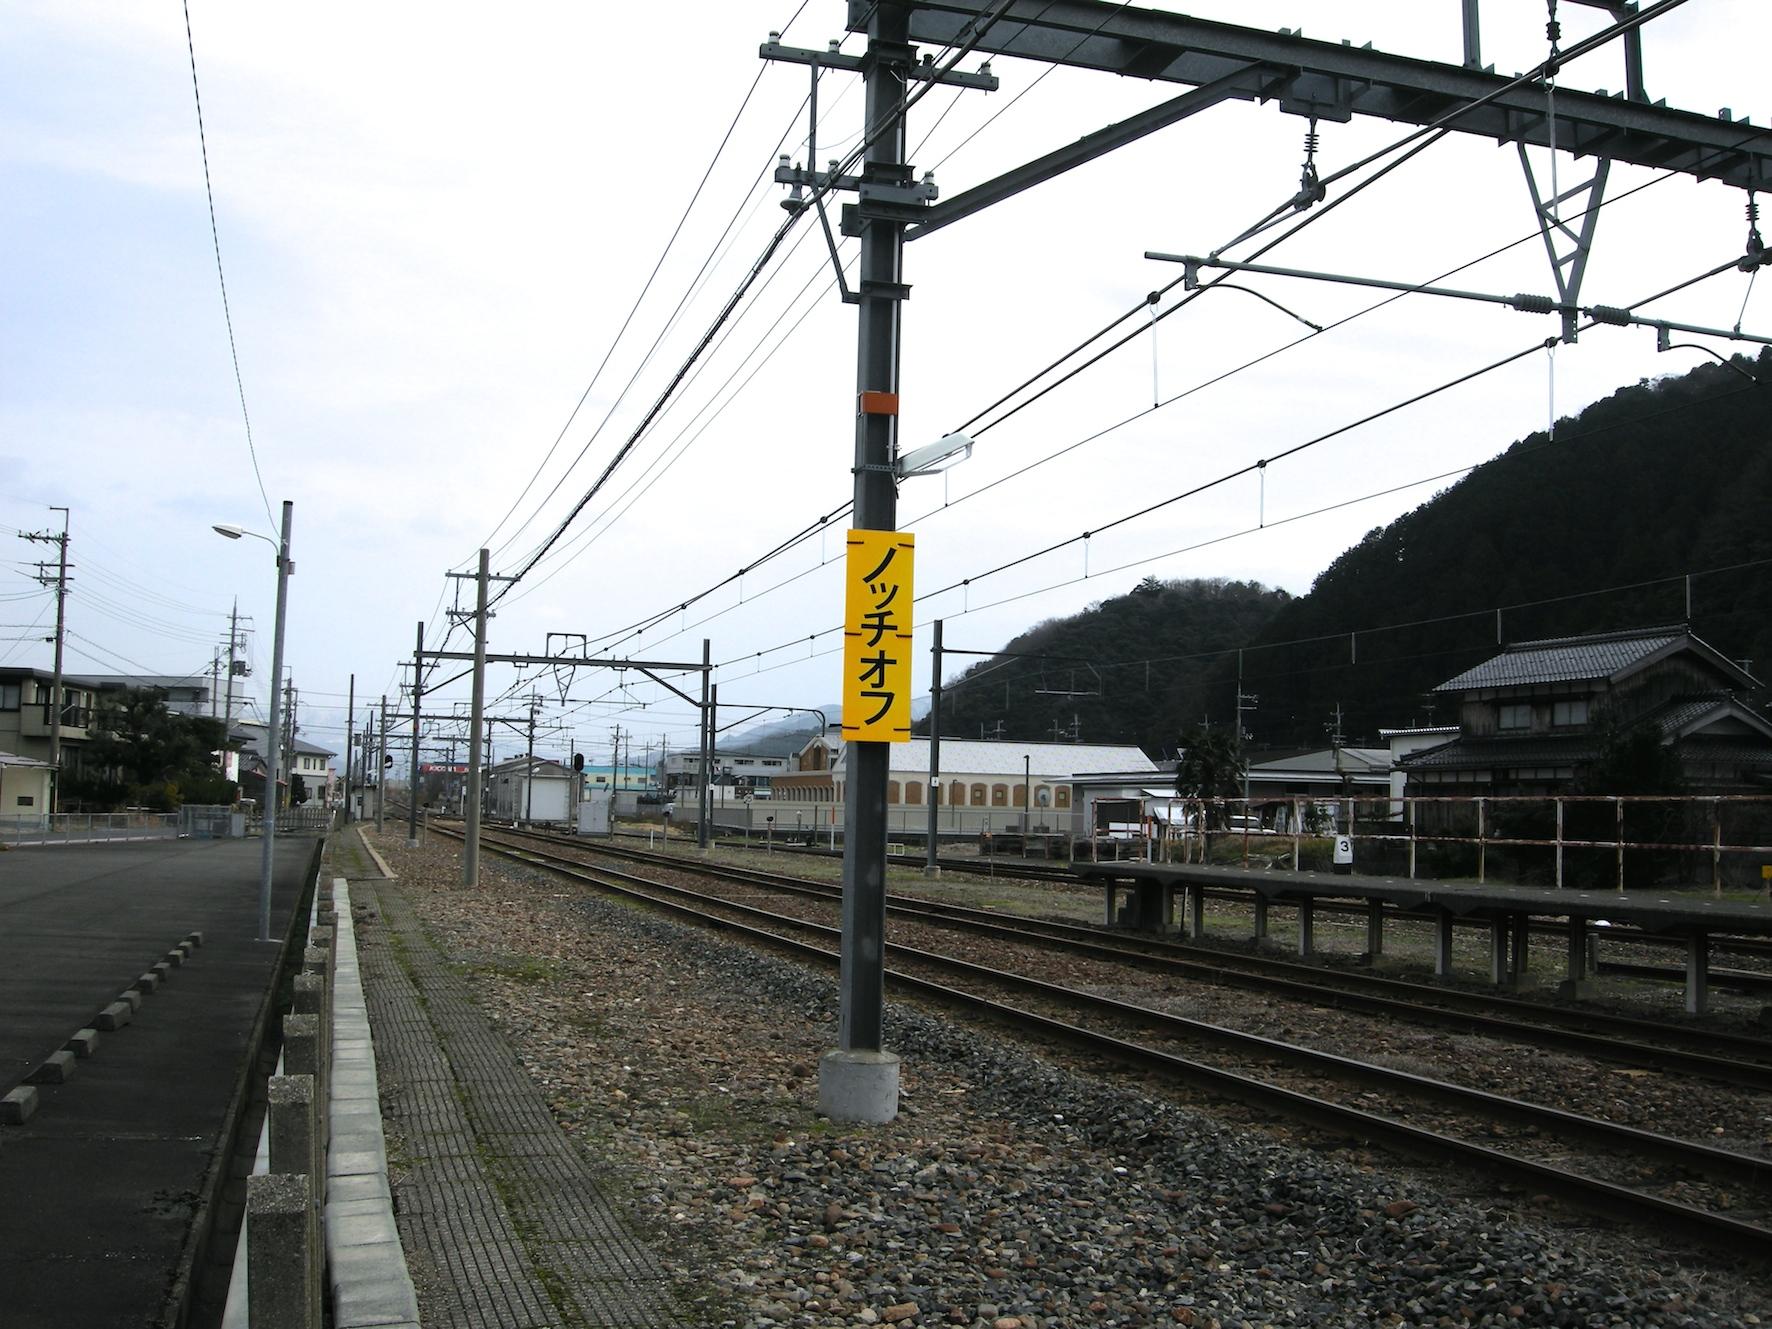 DSCN1148